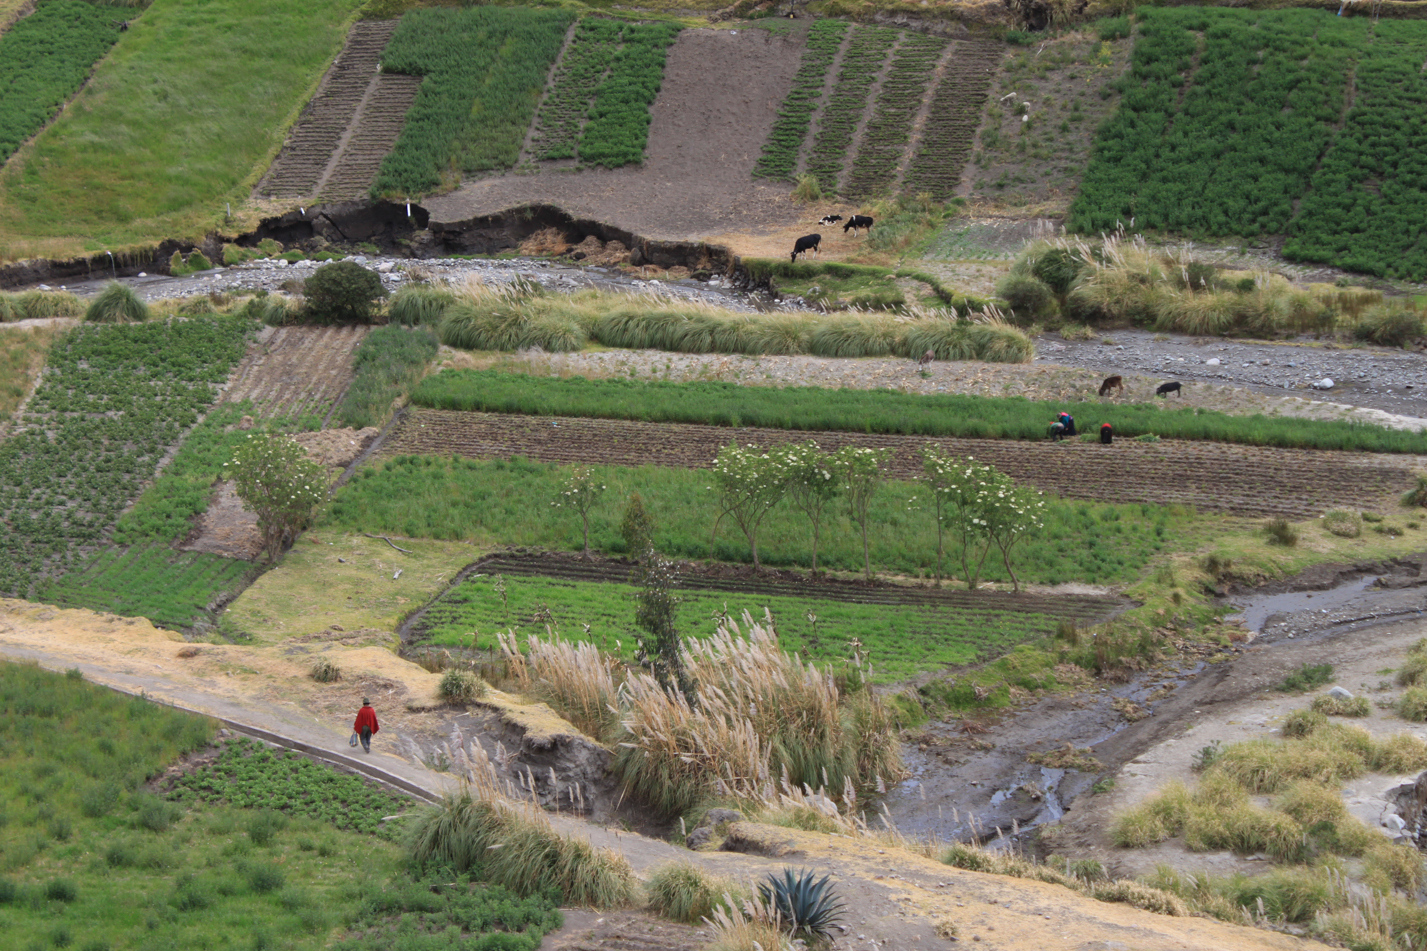 Entlang der Straße sind die Felder der Einheimischen. Auch hier in Ecuador wird zum Großteil traditionelle Landwirtschaft angewandt.